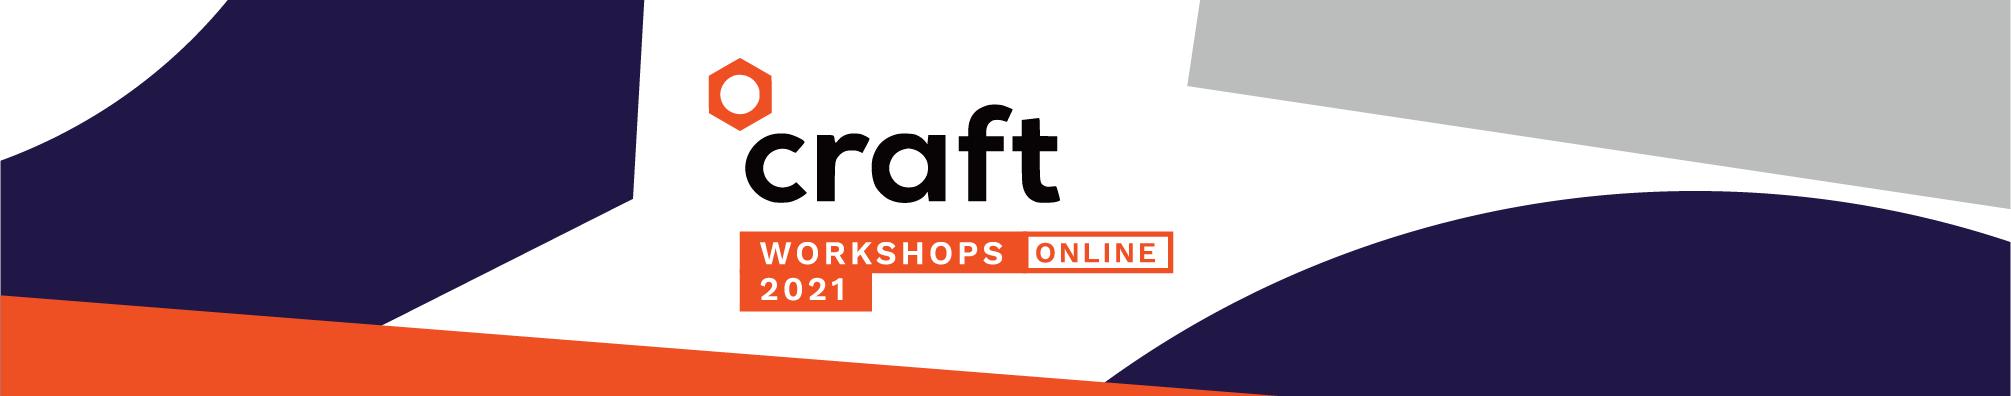 Craft online workshops 2021